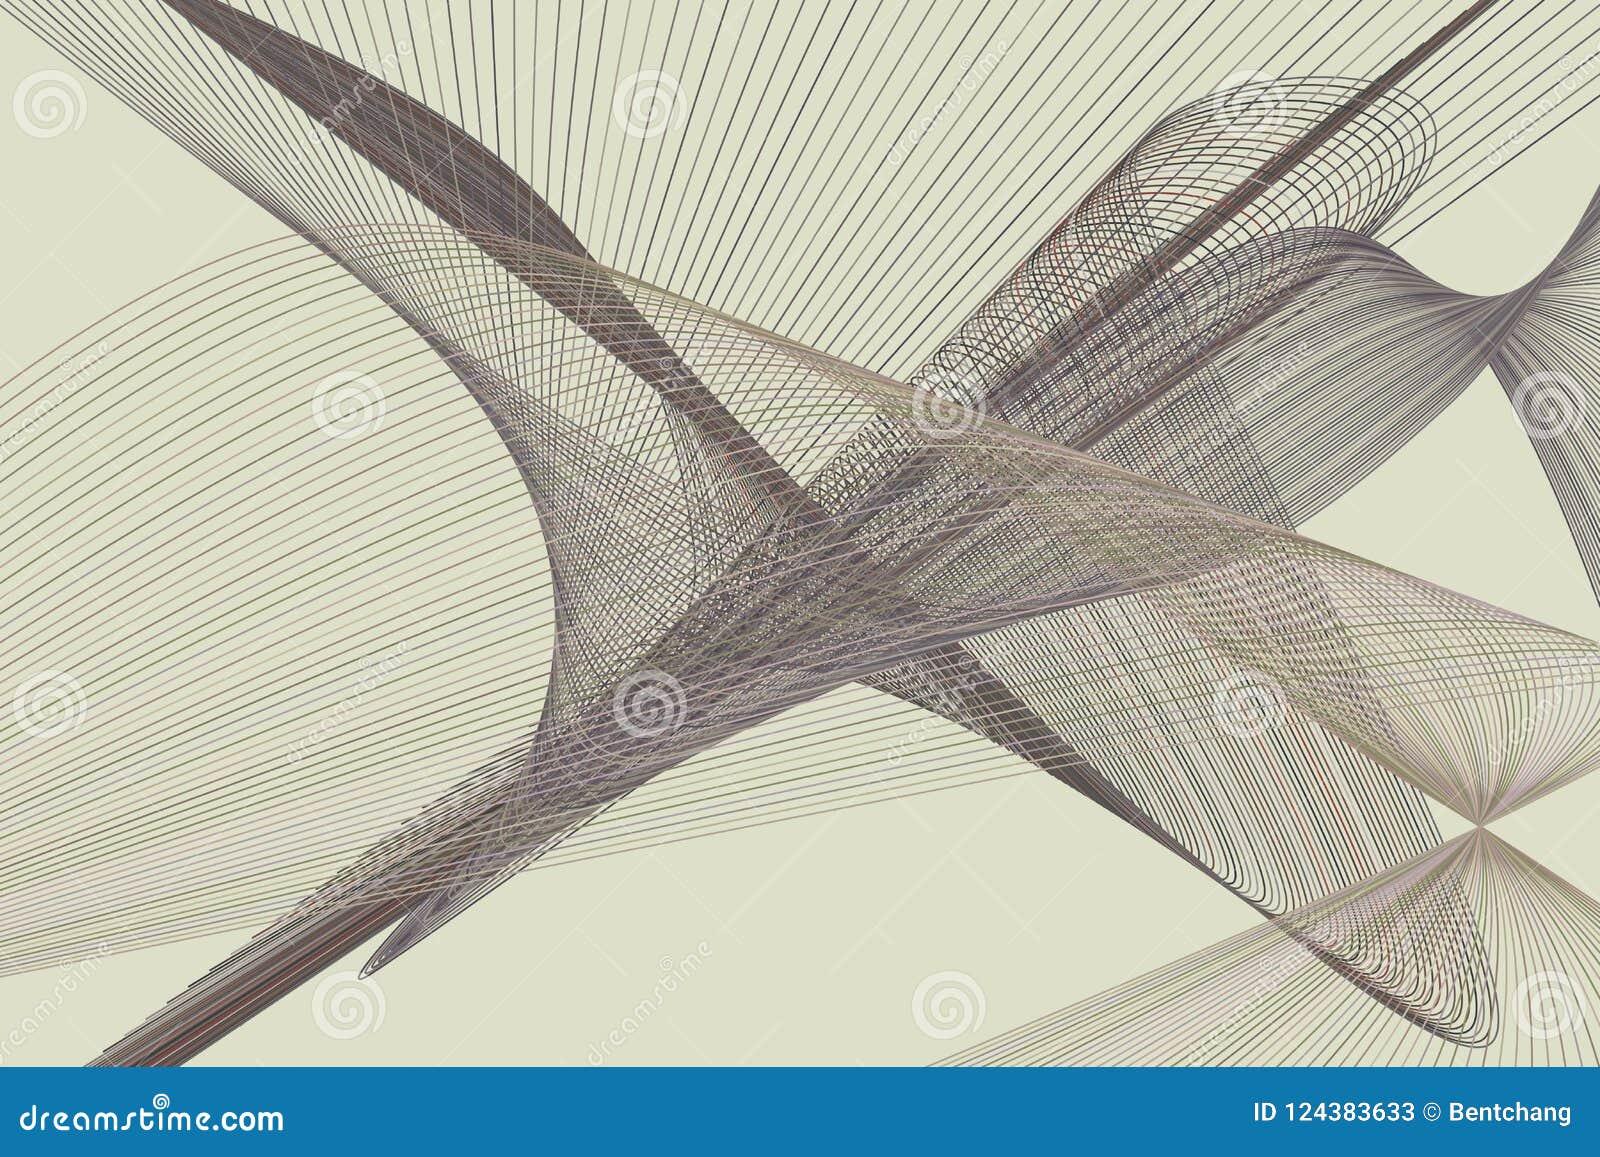 Abstracte lijn & kromme geometrisch patroon, kleurrijk & artistiek voor grafisch ontwerp Vector, behang, concept & illustratie